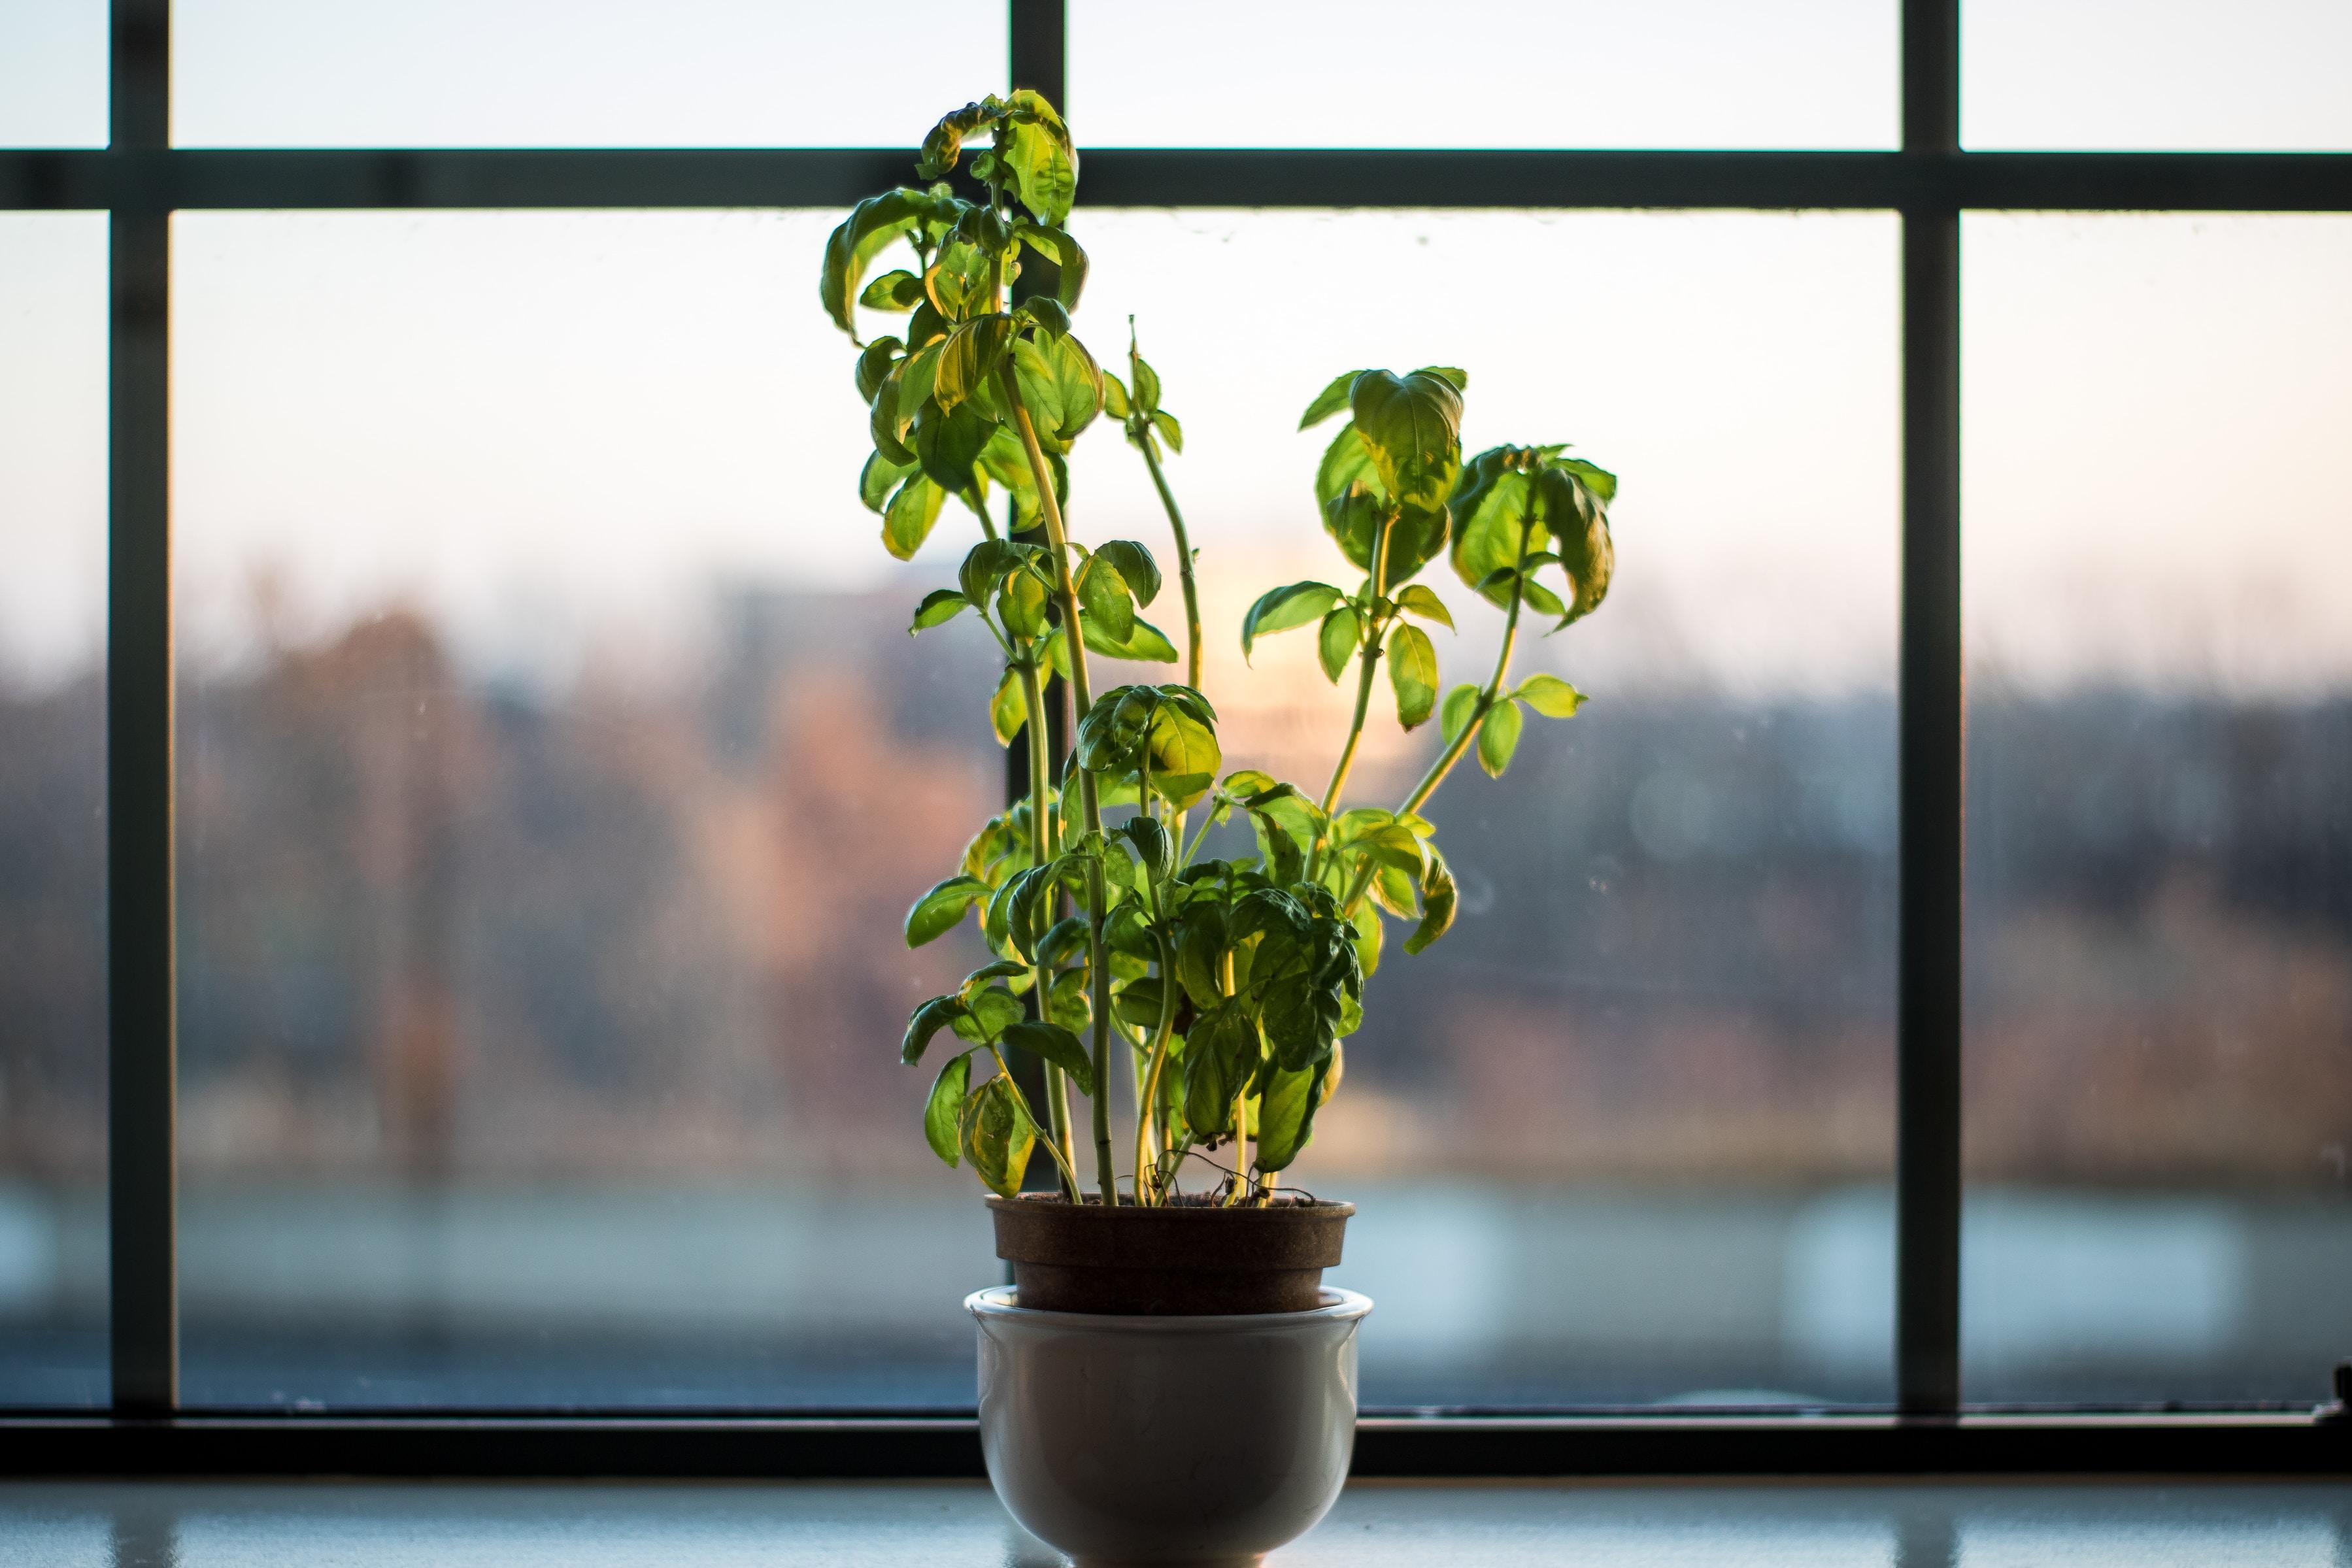 green leafed plant near window